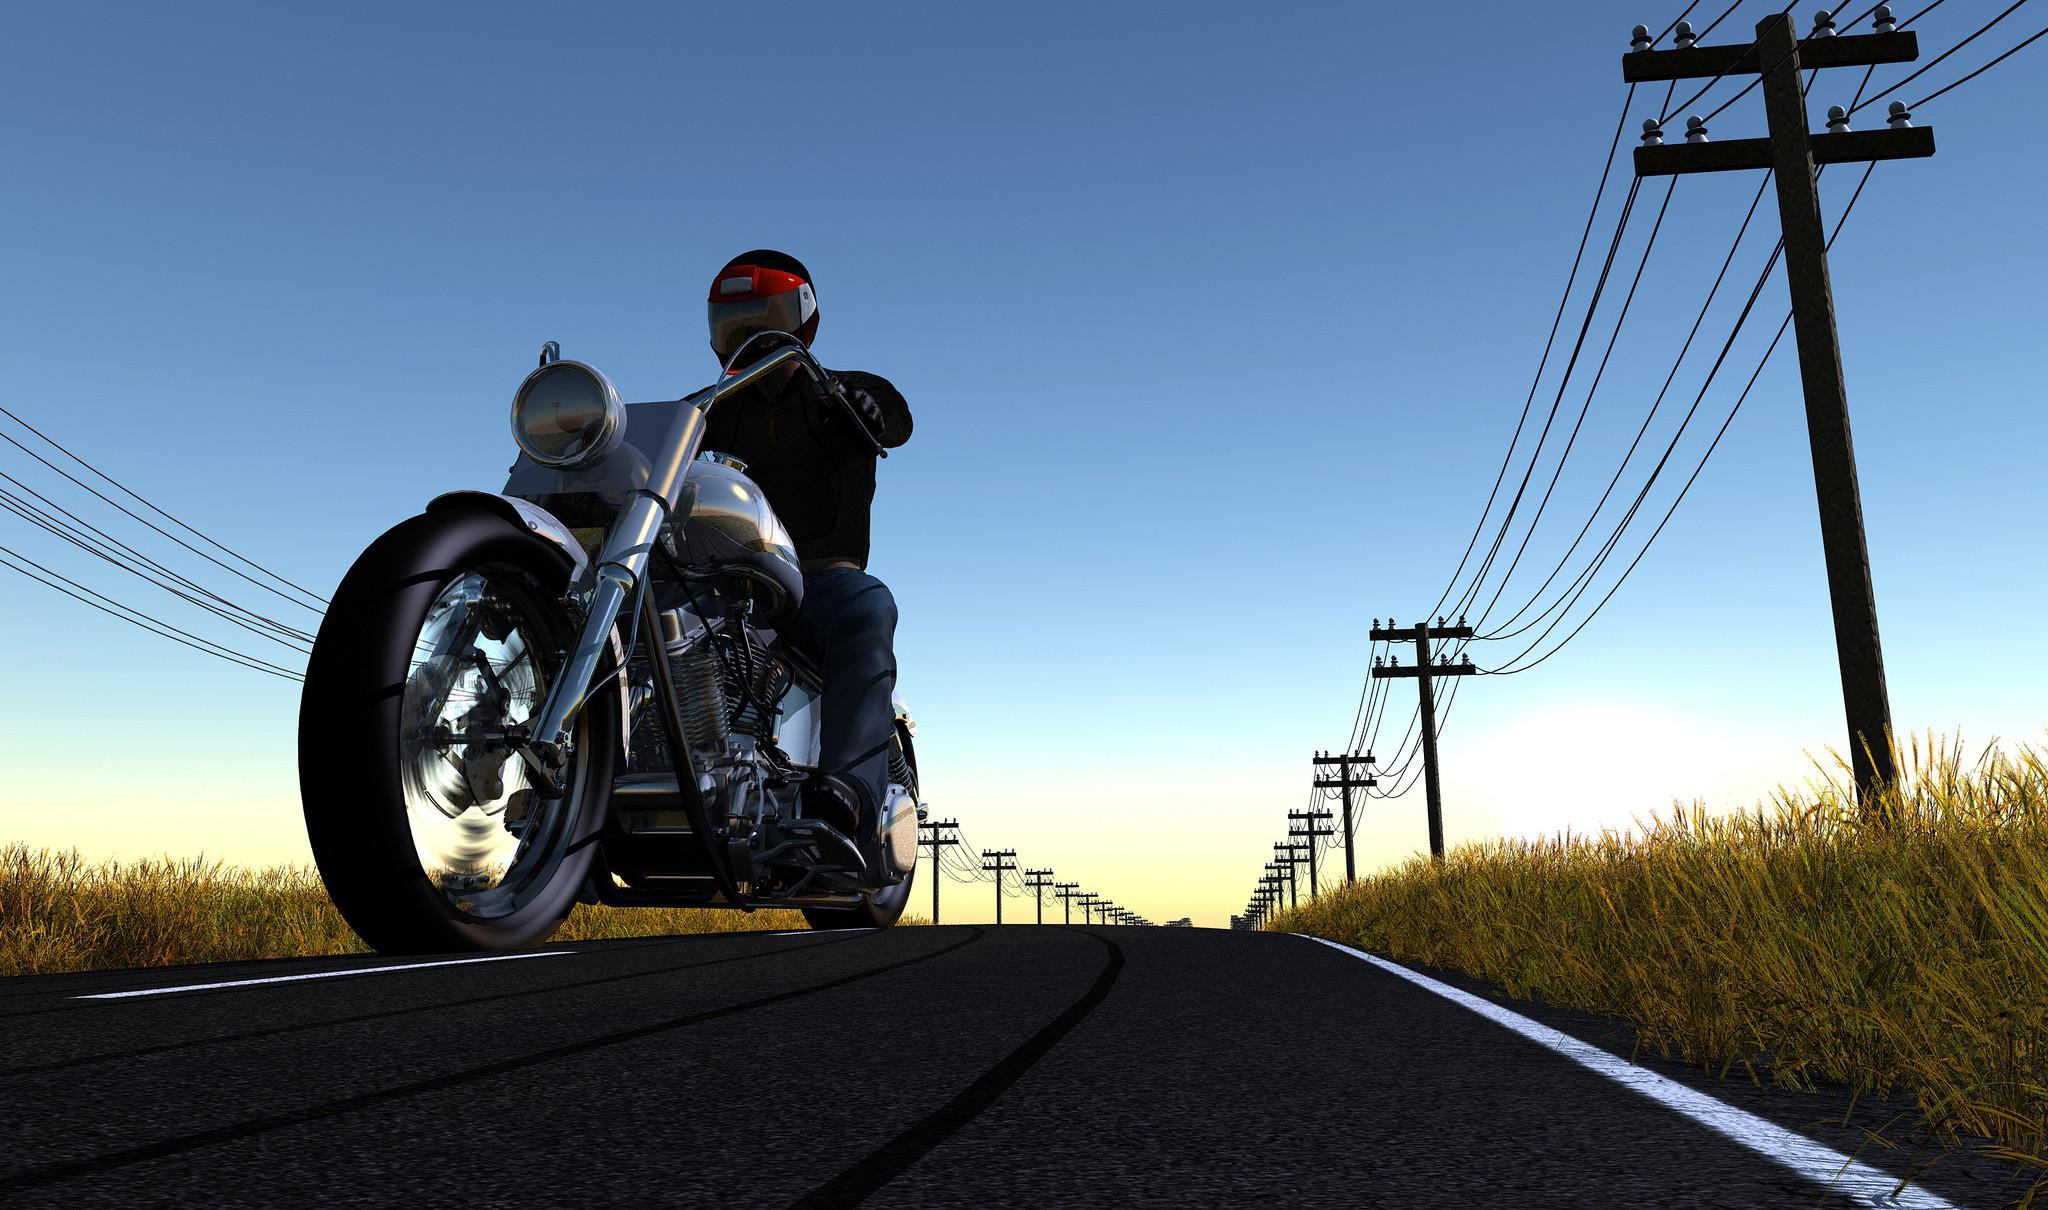 Normativa Euro 4 motocicletas